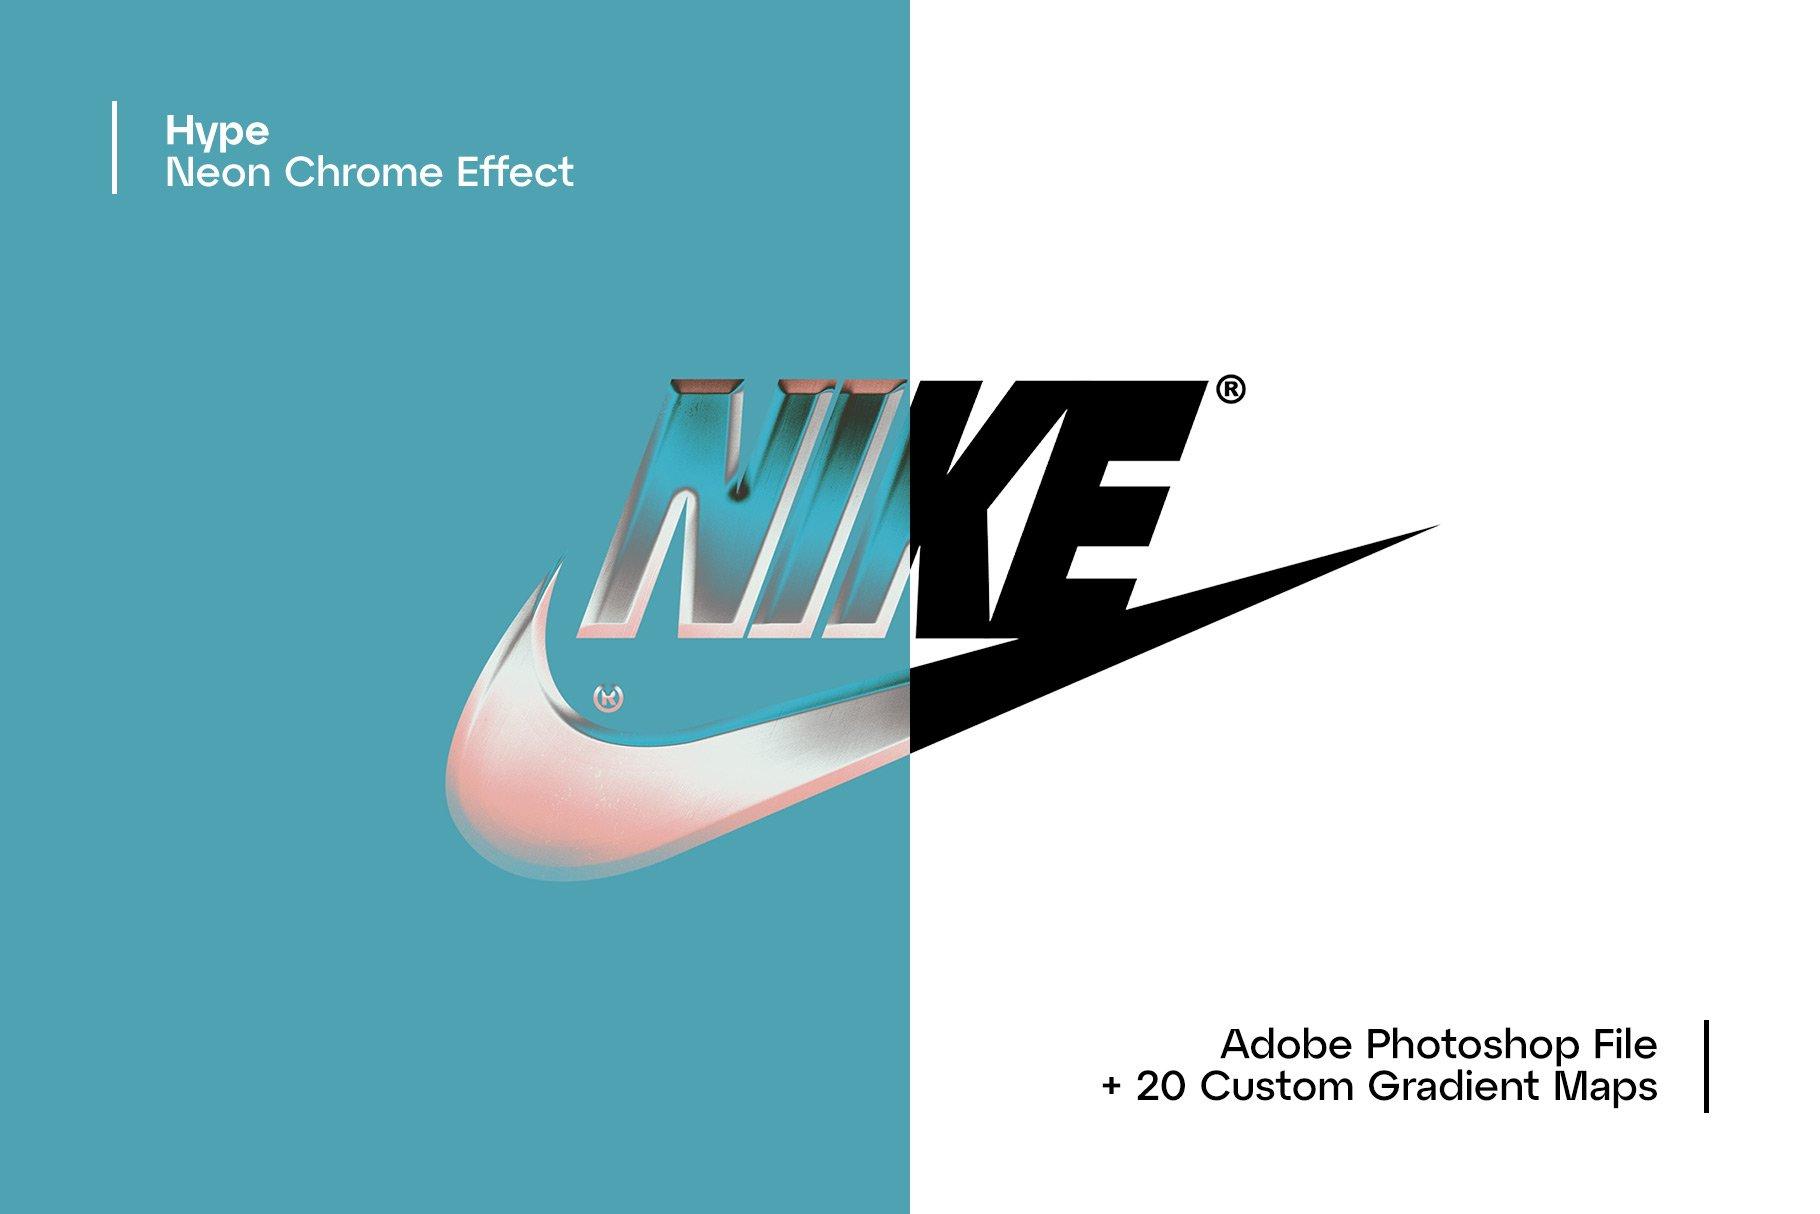 [单独购买] 潮流霓虹灯镀铬3D立体标题Logo设计样式色板预设PS素材 Hype – Neon Chrome Effect插图1